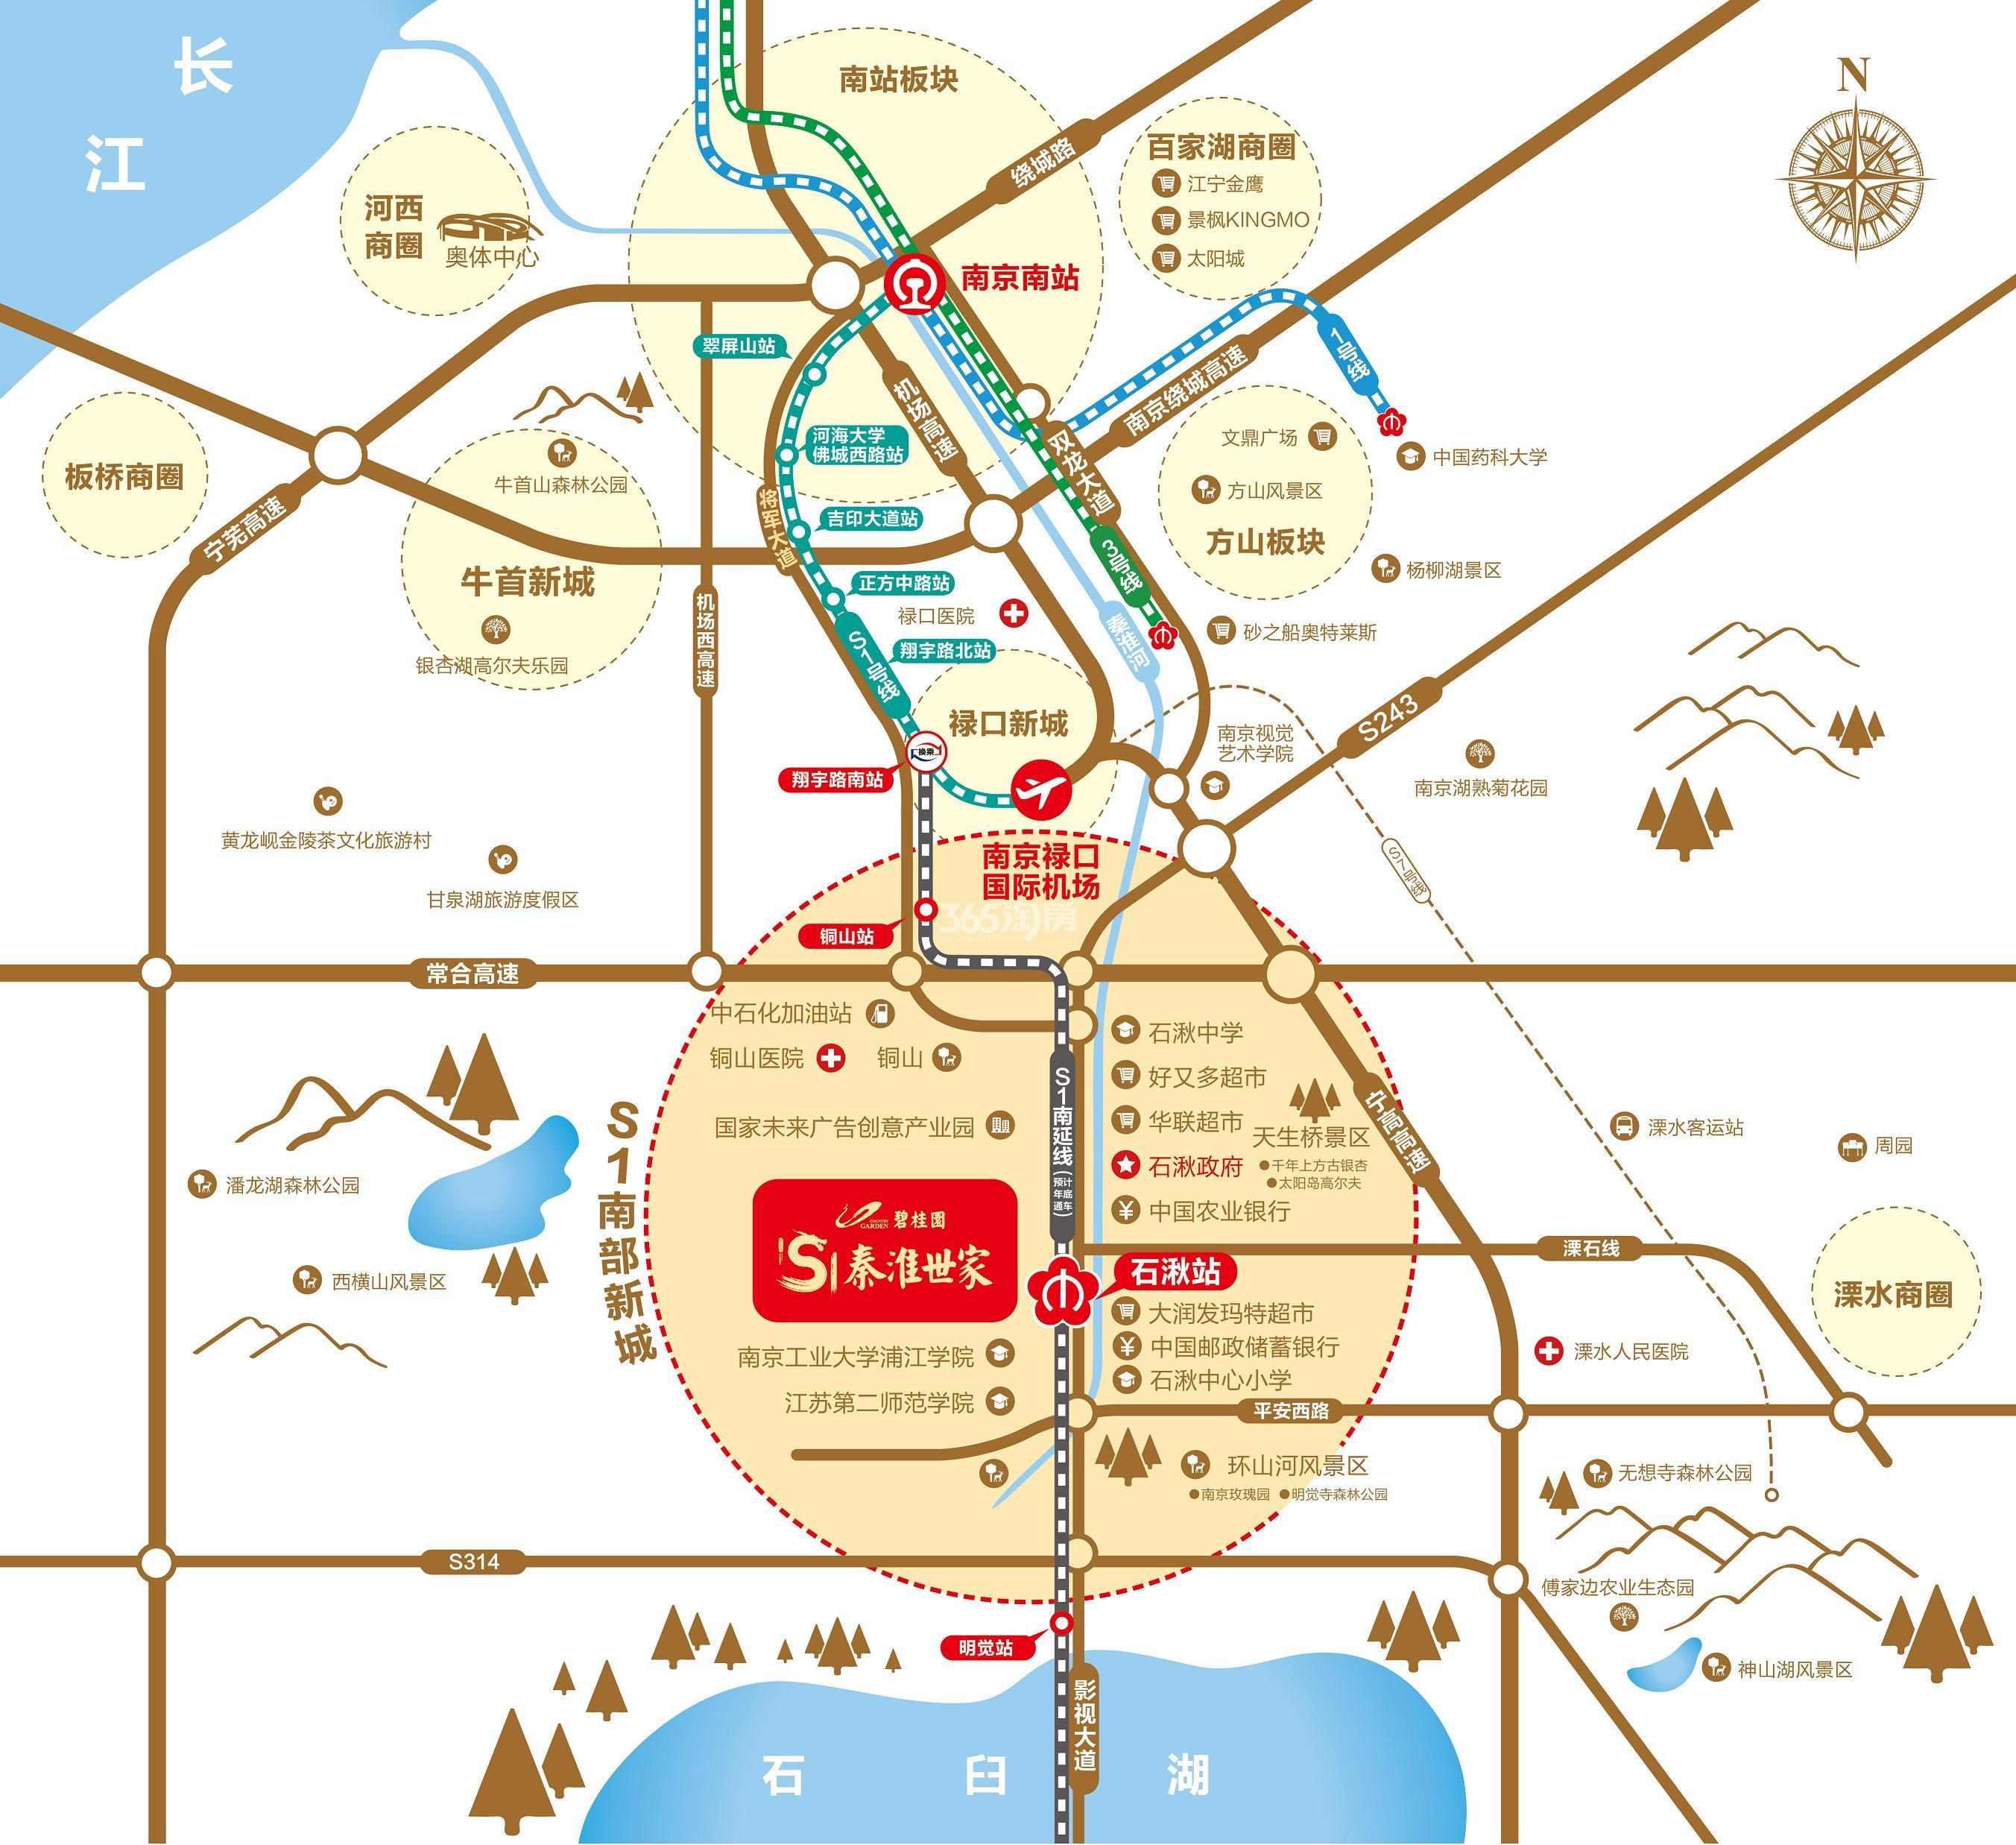 碧桂园S1秦淮世家交通图